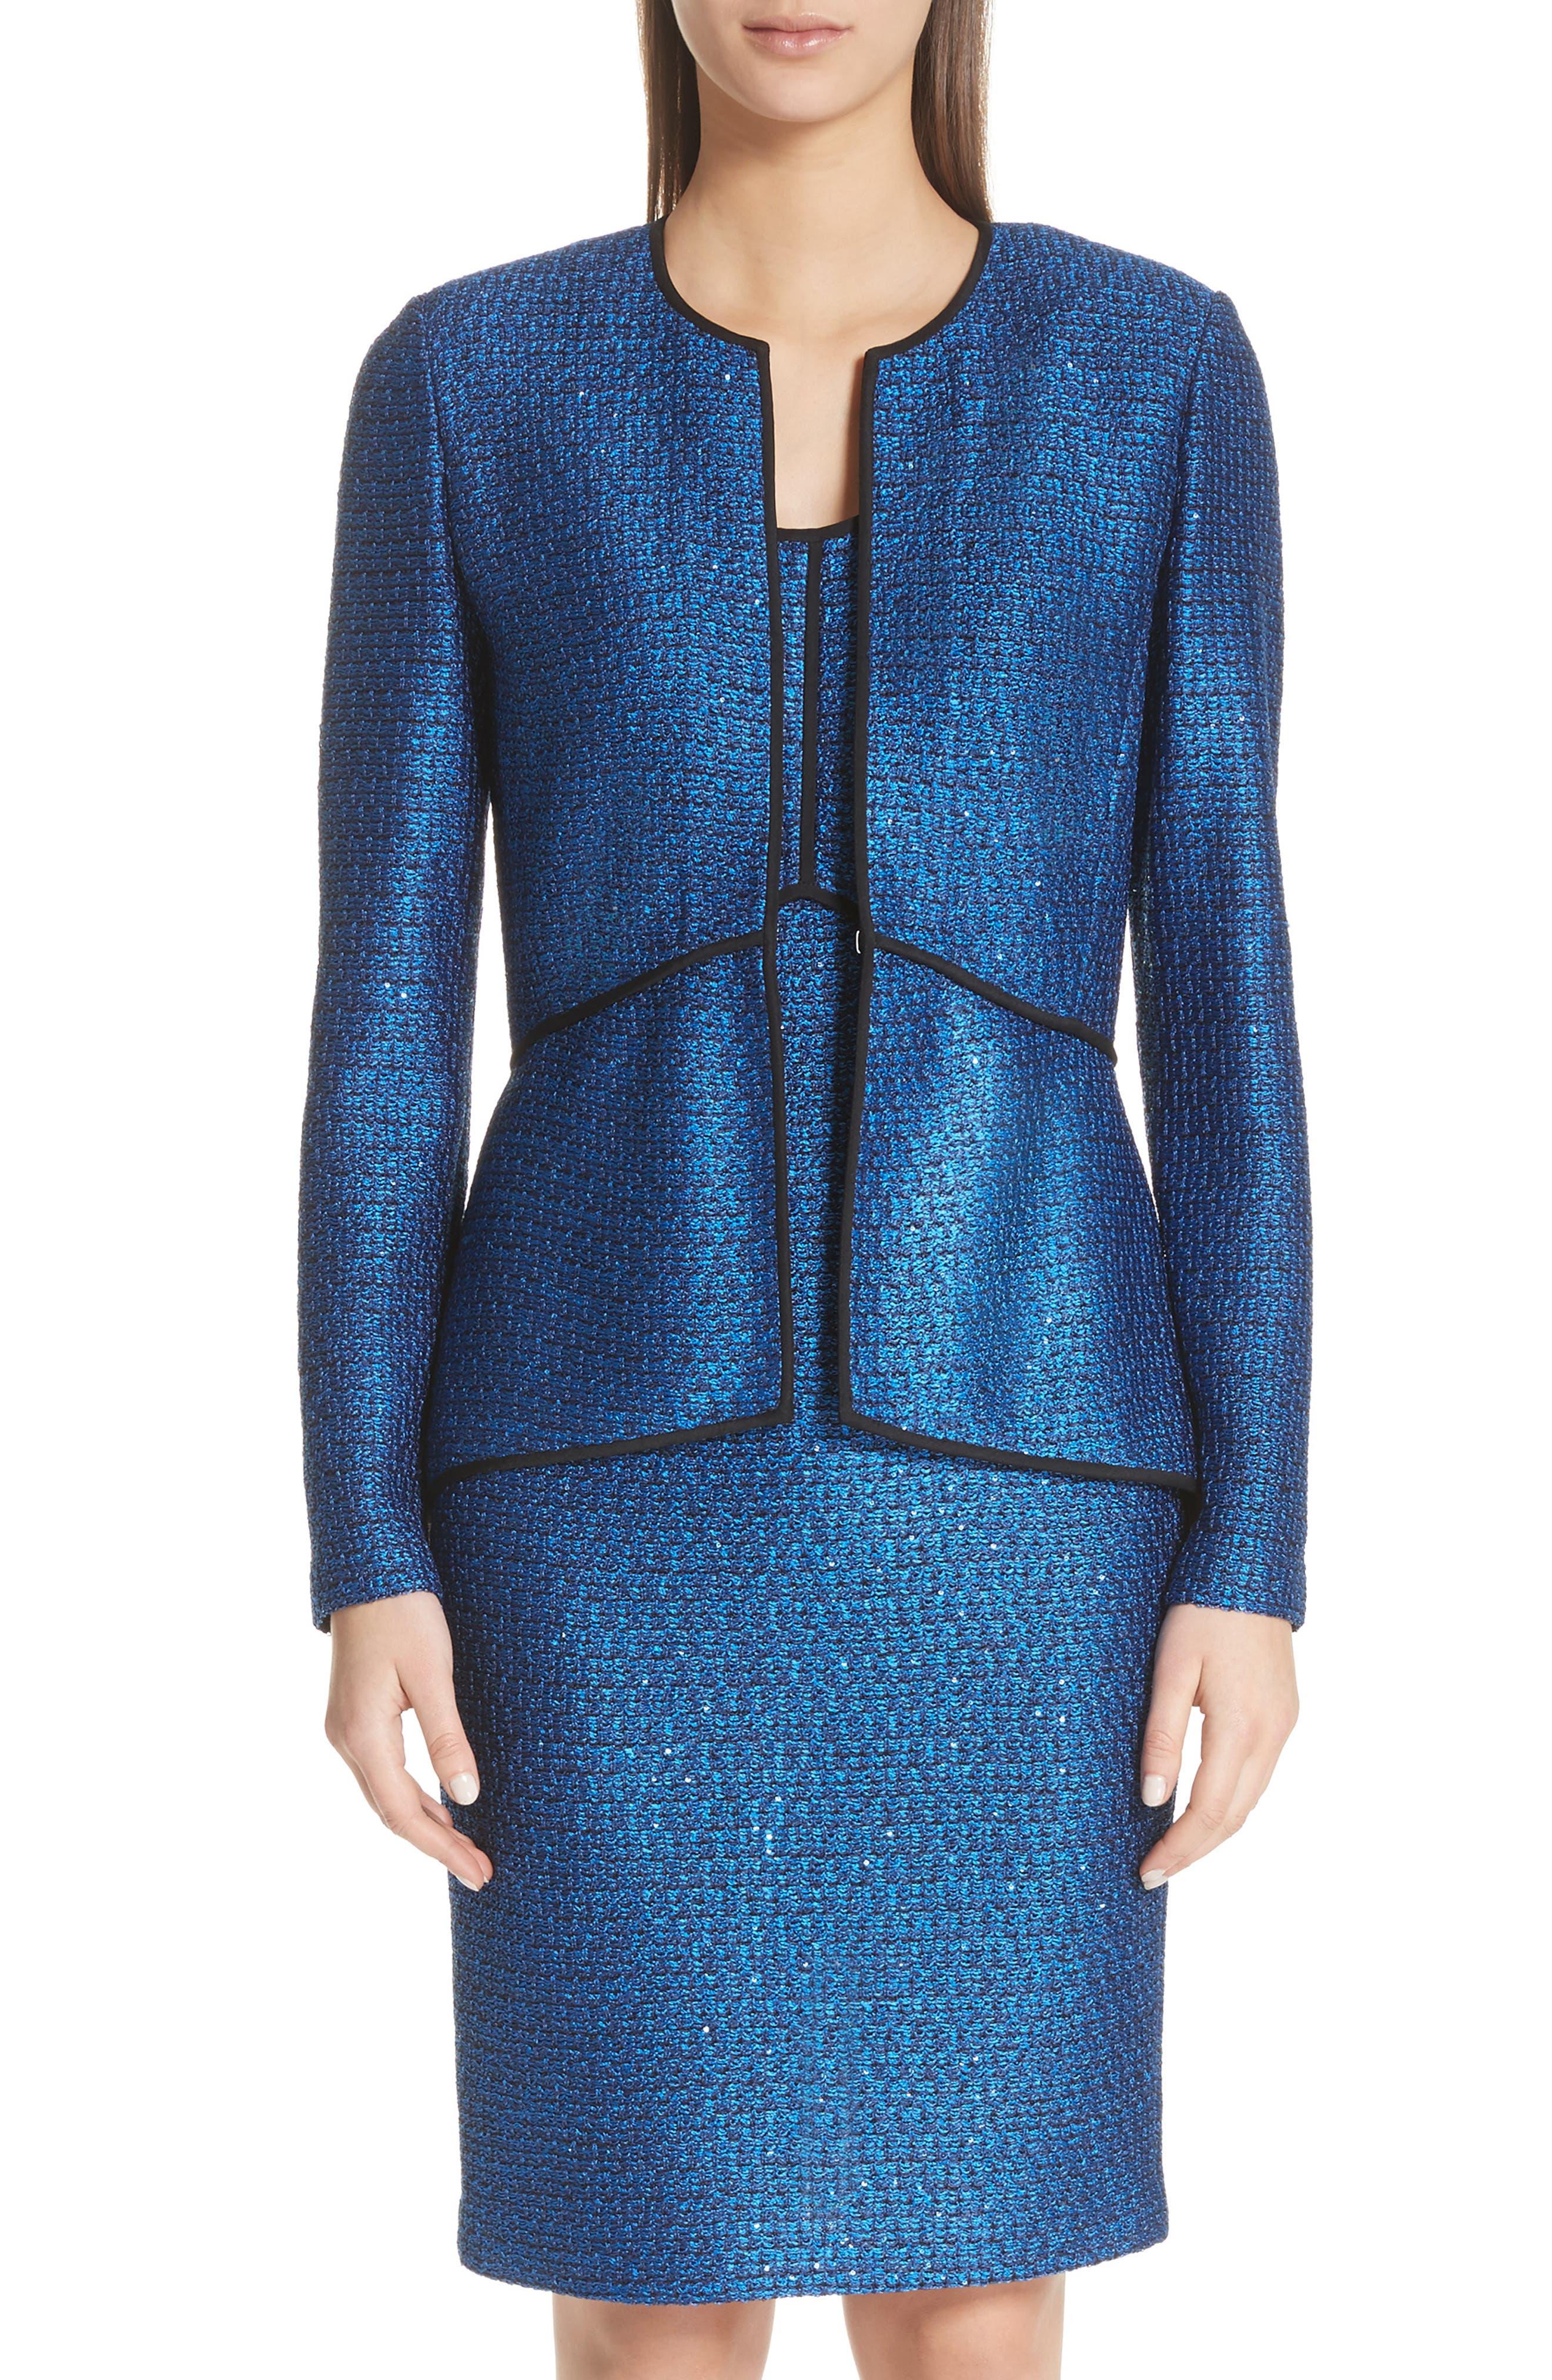 Luster Sequin Knit Jacket,                         Main,                         color, Cobalt Multi